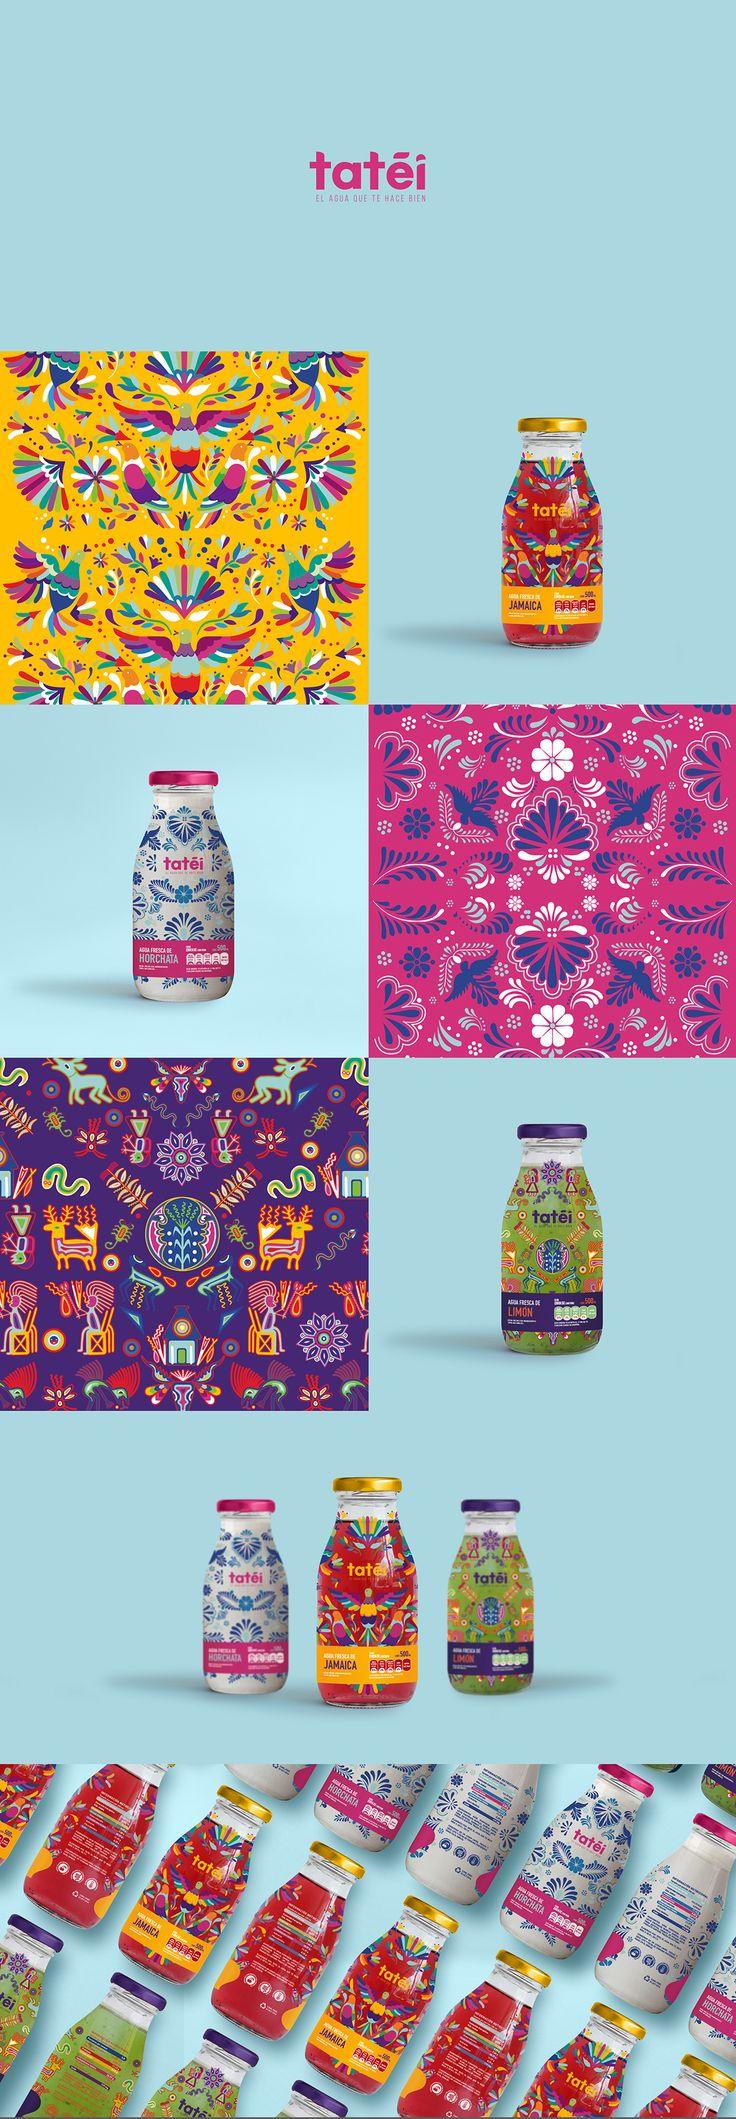 Desarrollamos este empaque para una marca de aguas de sabor basada en rescatar regiones y tradiciones mexicanas.